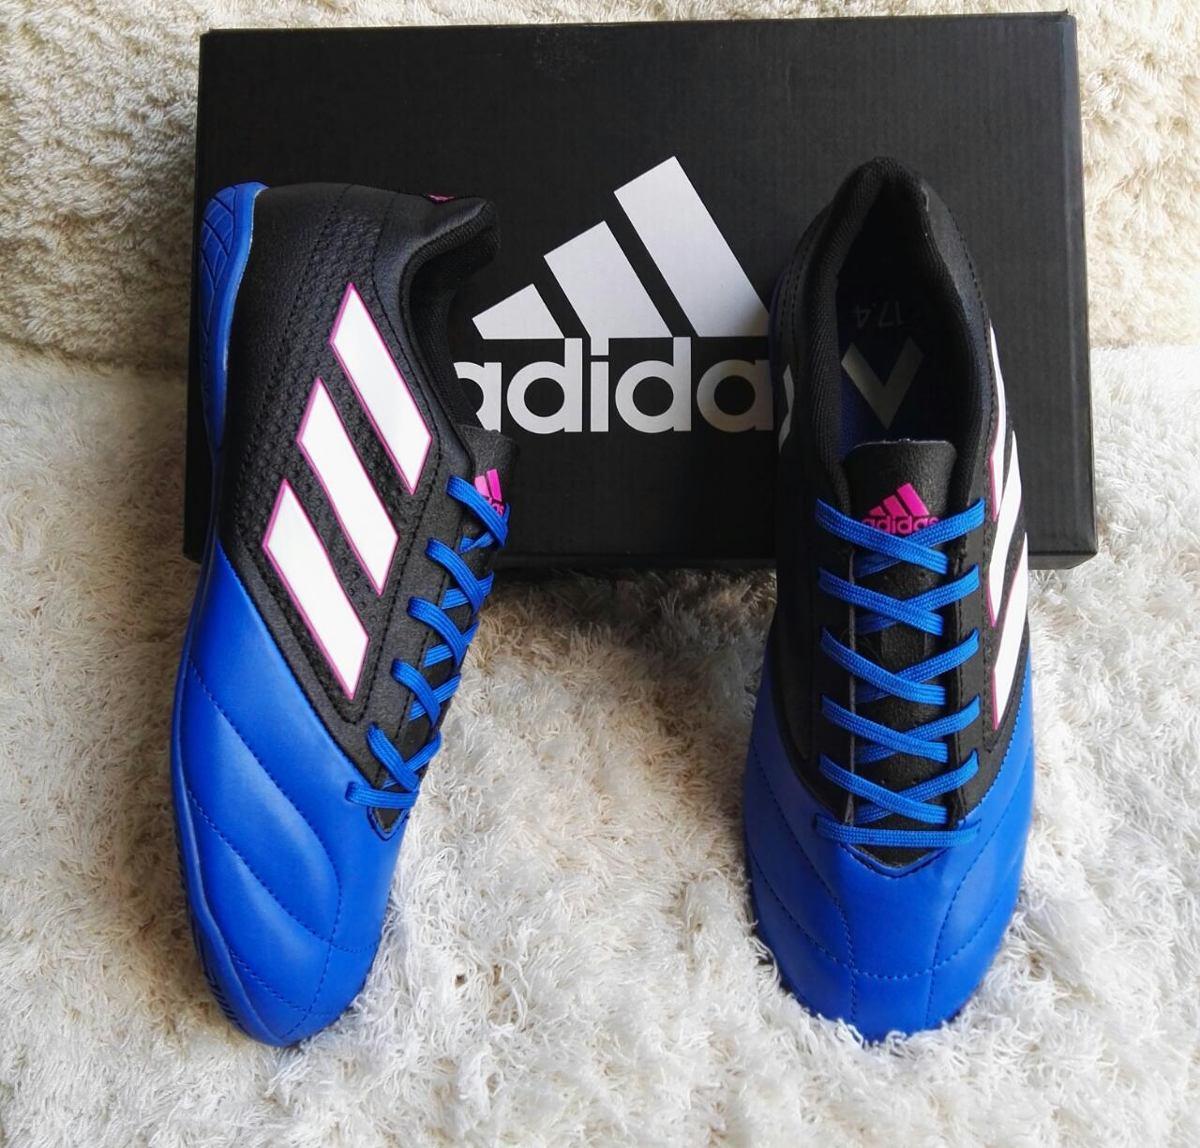 f1018ee2baa9c Guayos adidas futbol sala numeracion hombre en mercado jpg 1200x1148 Guayos  adidas football logo